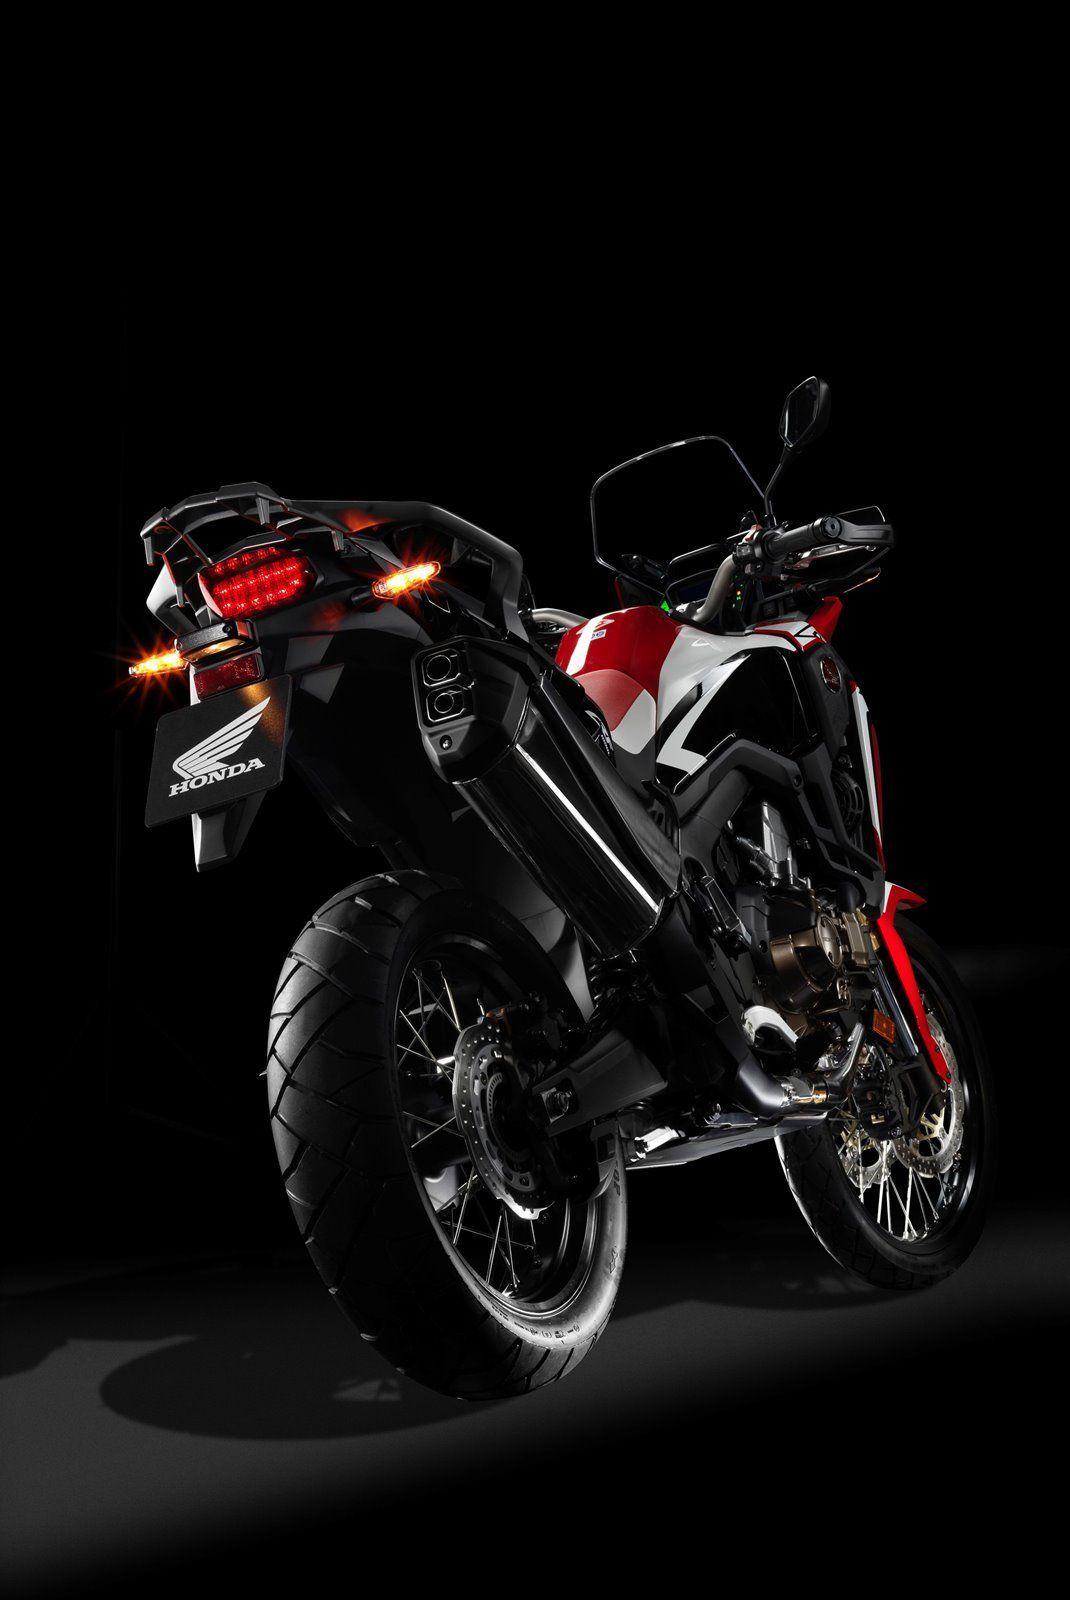 Foto de Honda CRF1000L Africa Twin (45/57) Honda, Motos